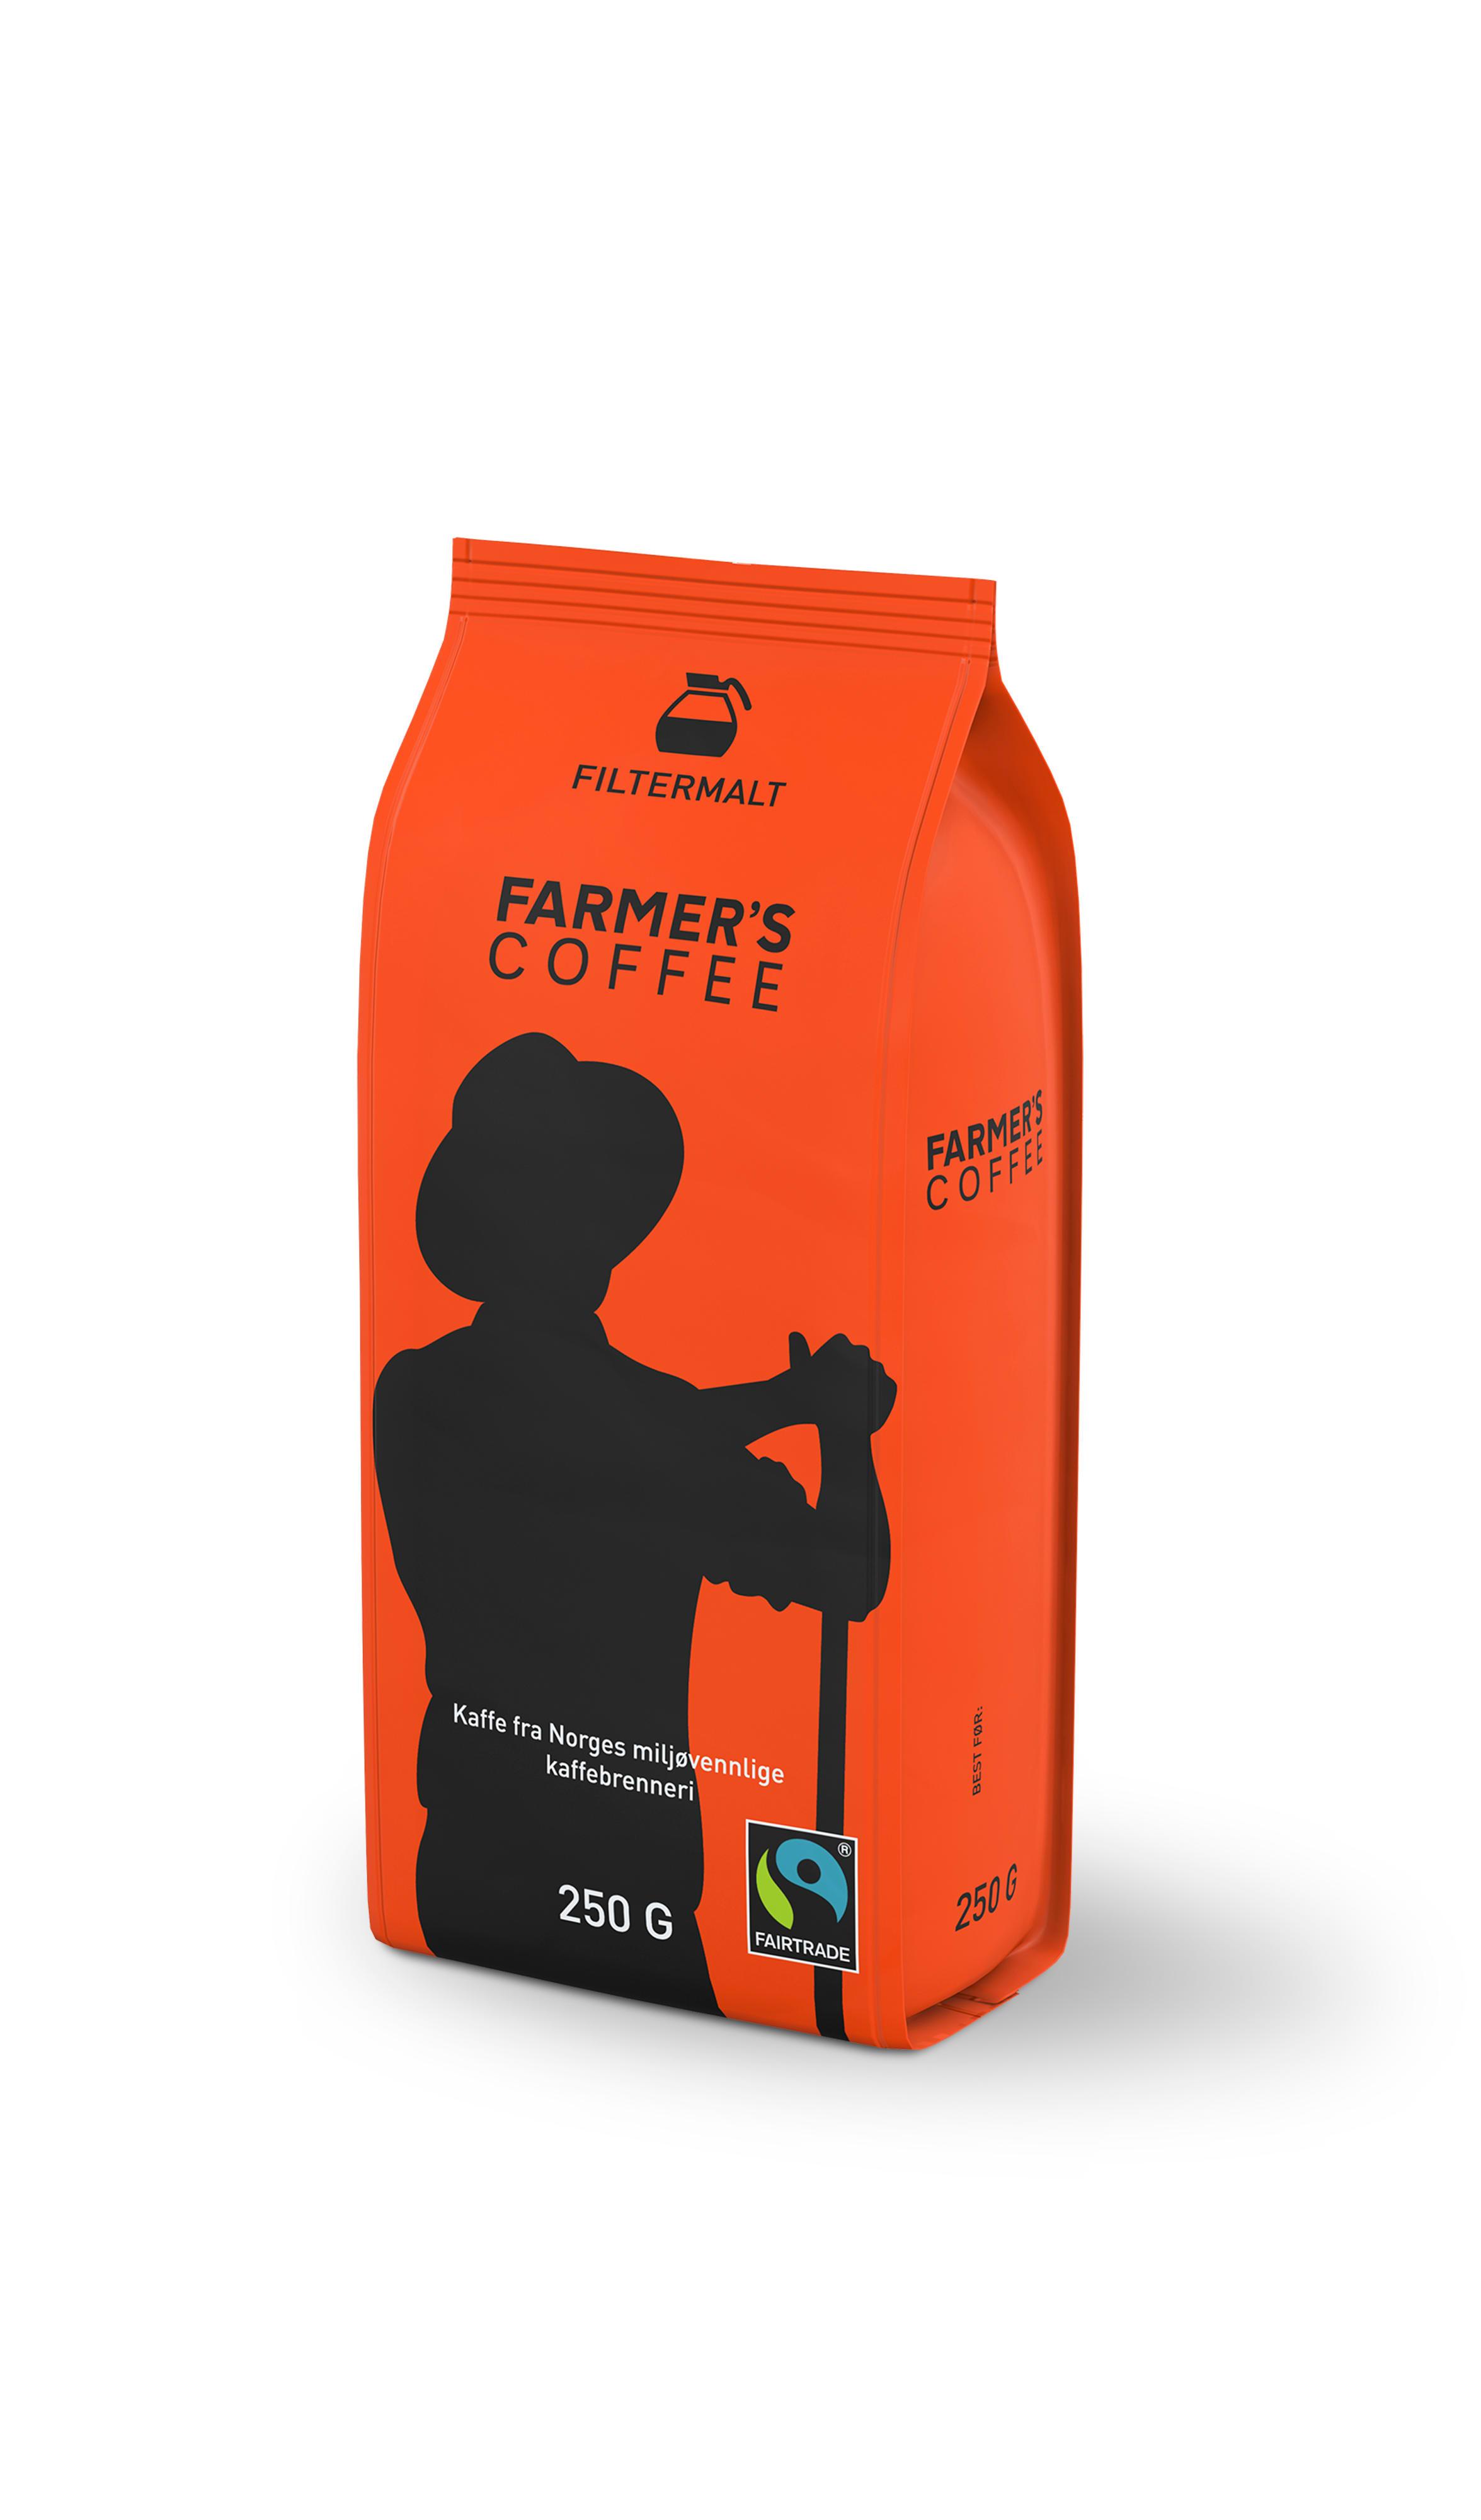 Du får kjøpt Farmer's Coffee hos KIWI.